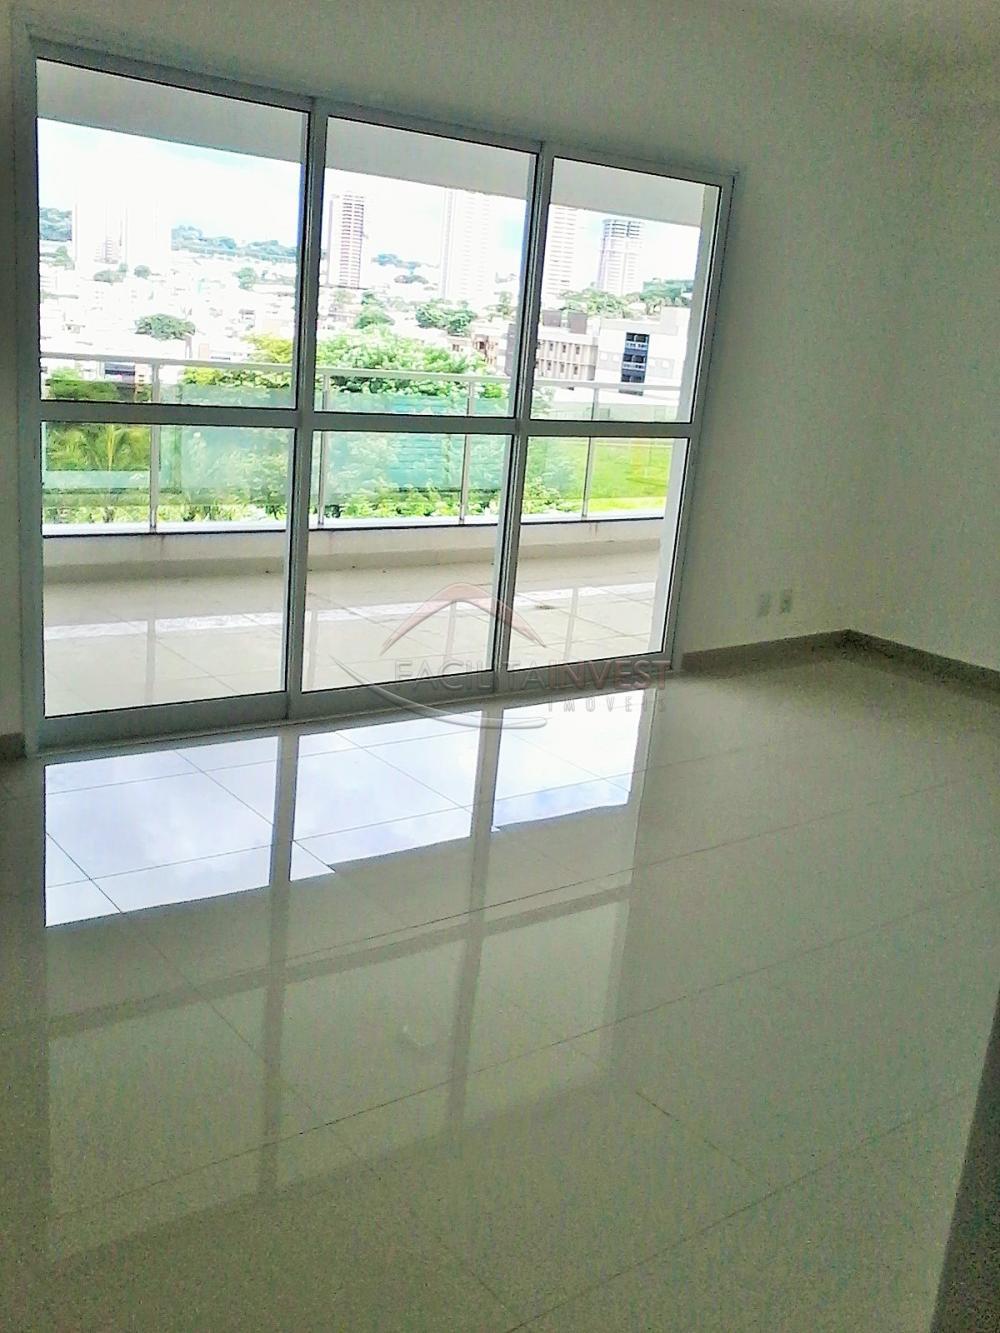 Alugar Apartamentos / Apart. Padrão em Ribeirão Preto apenas R$ 3.000,00 - Foto 1